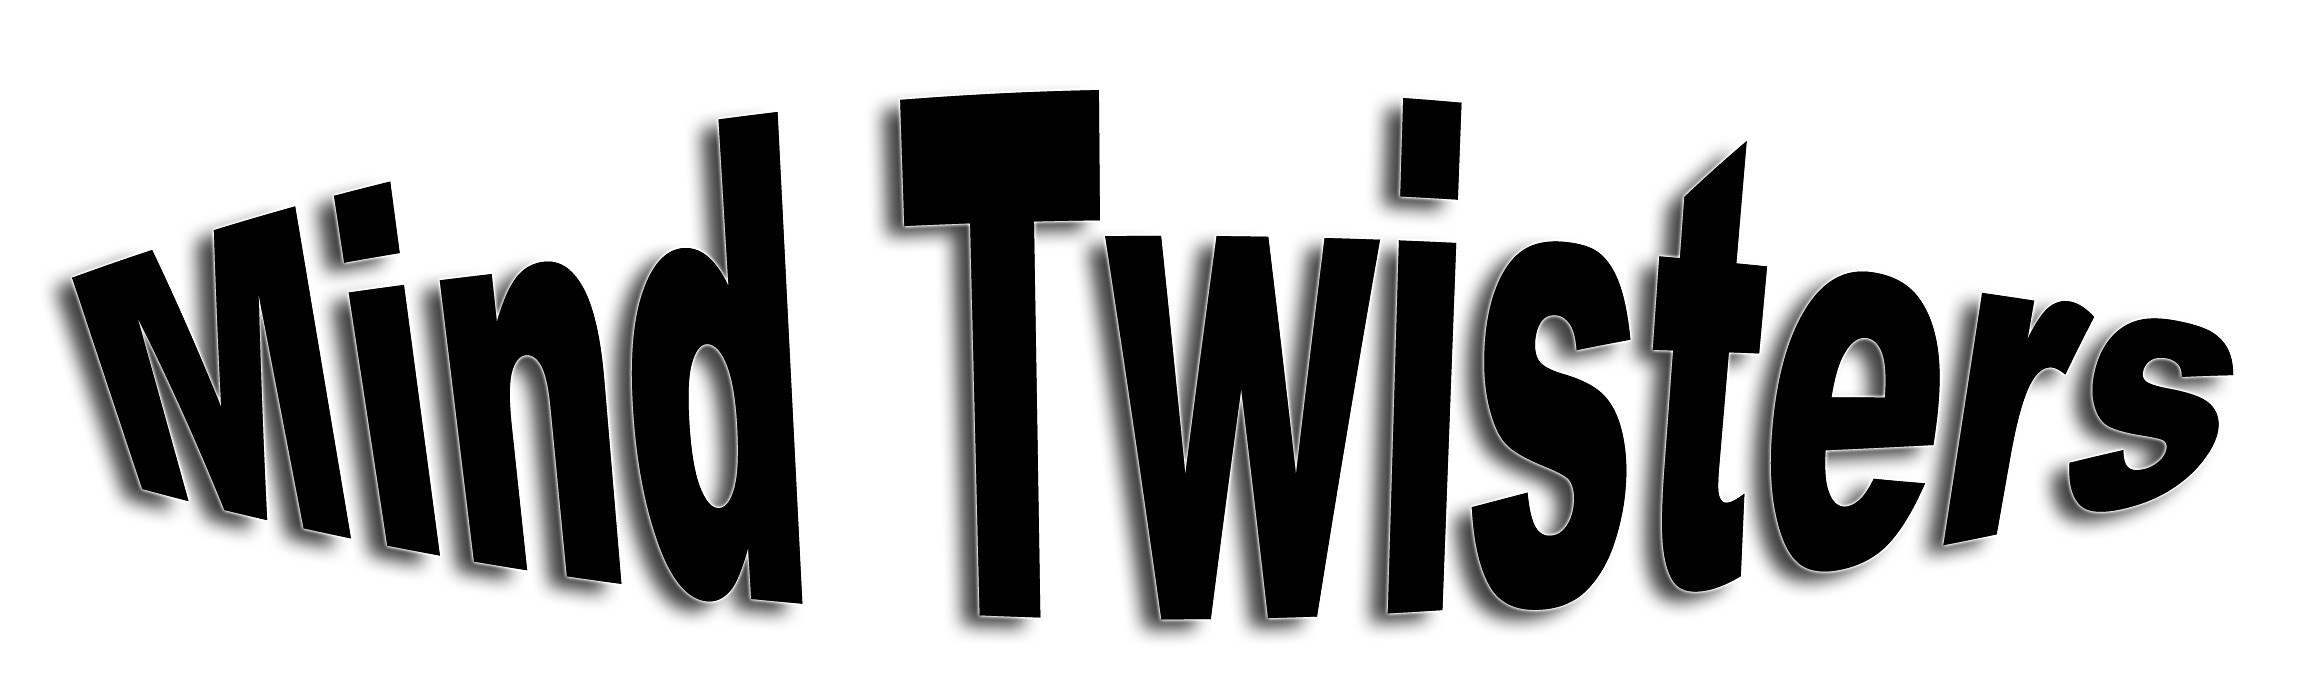 FMind Twisters300dpi